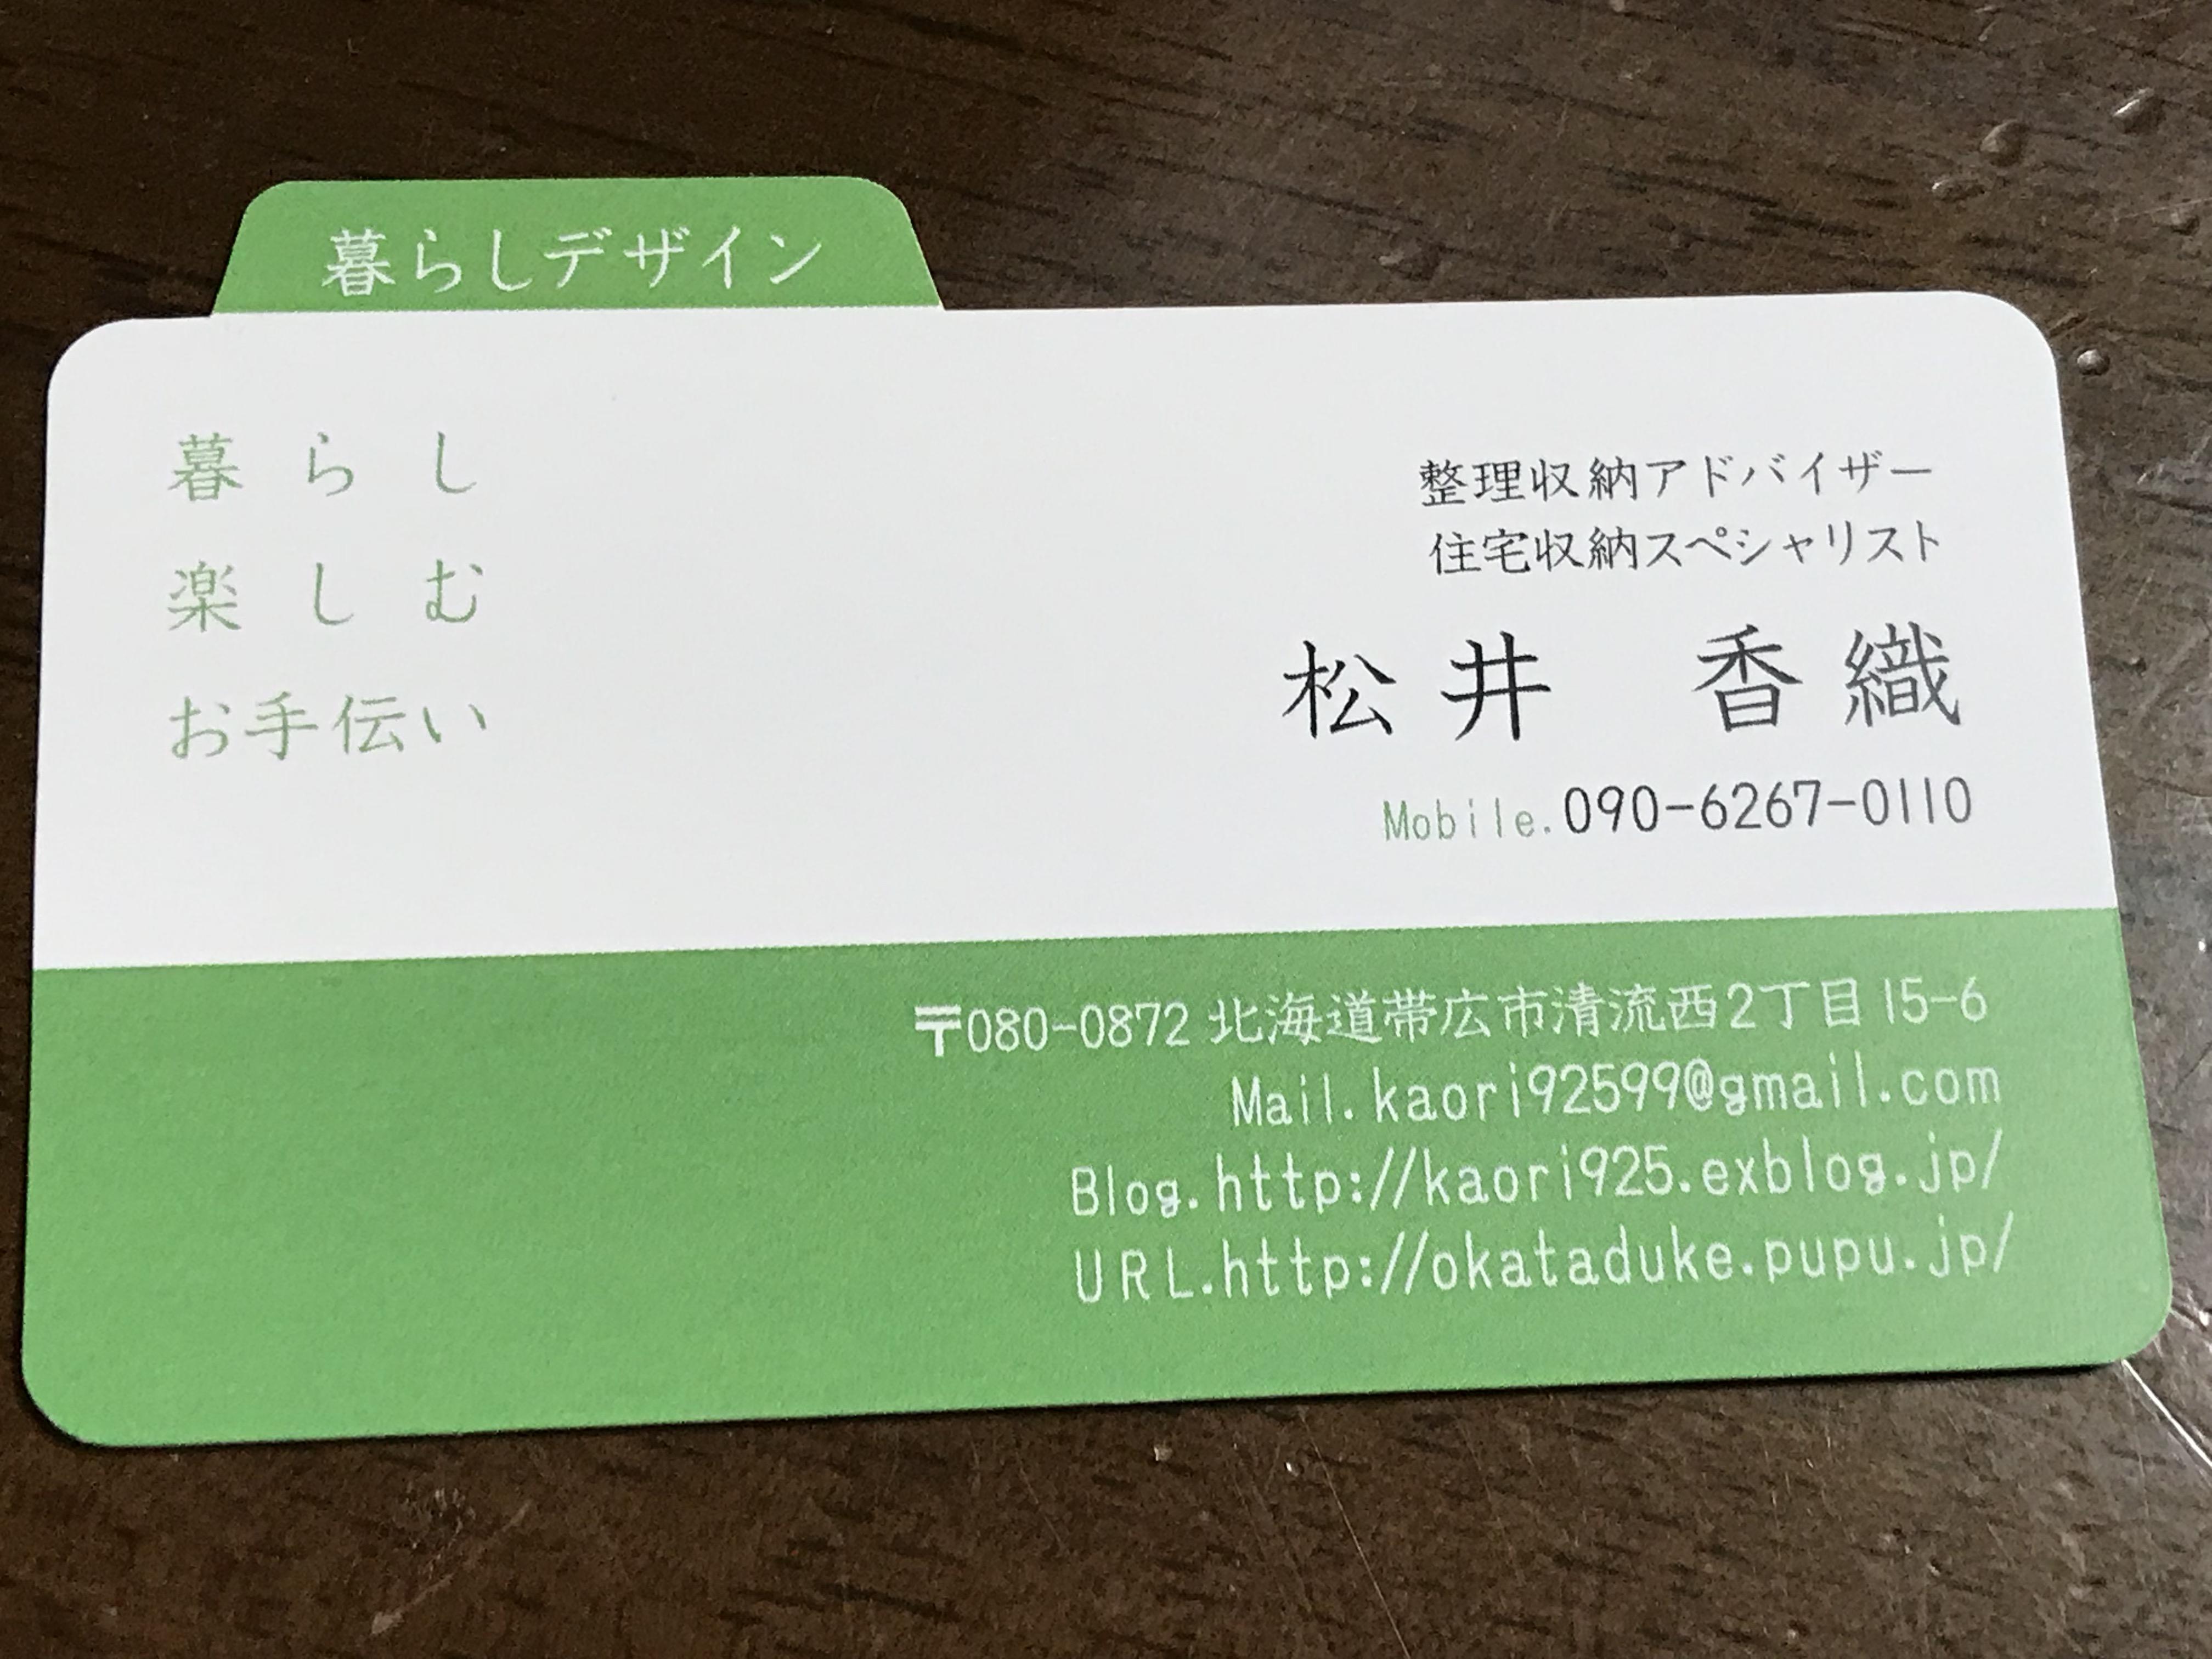 松井さん名刺